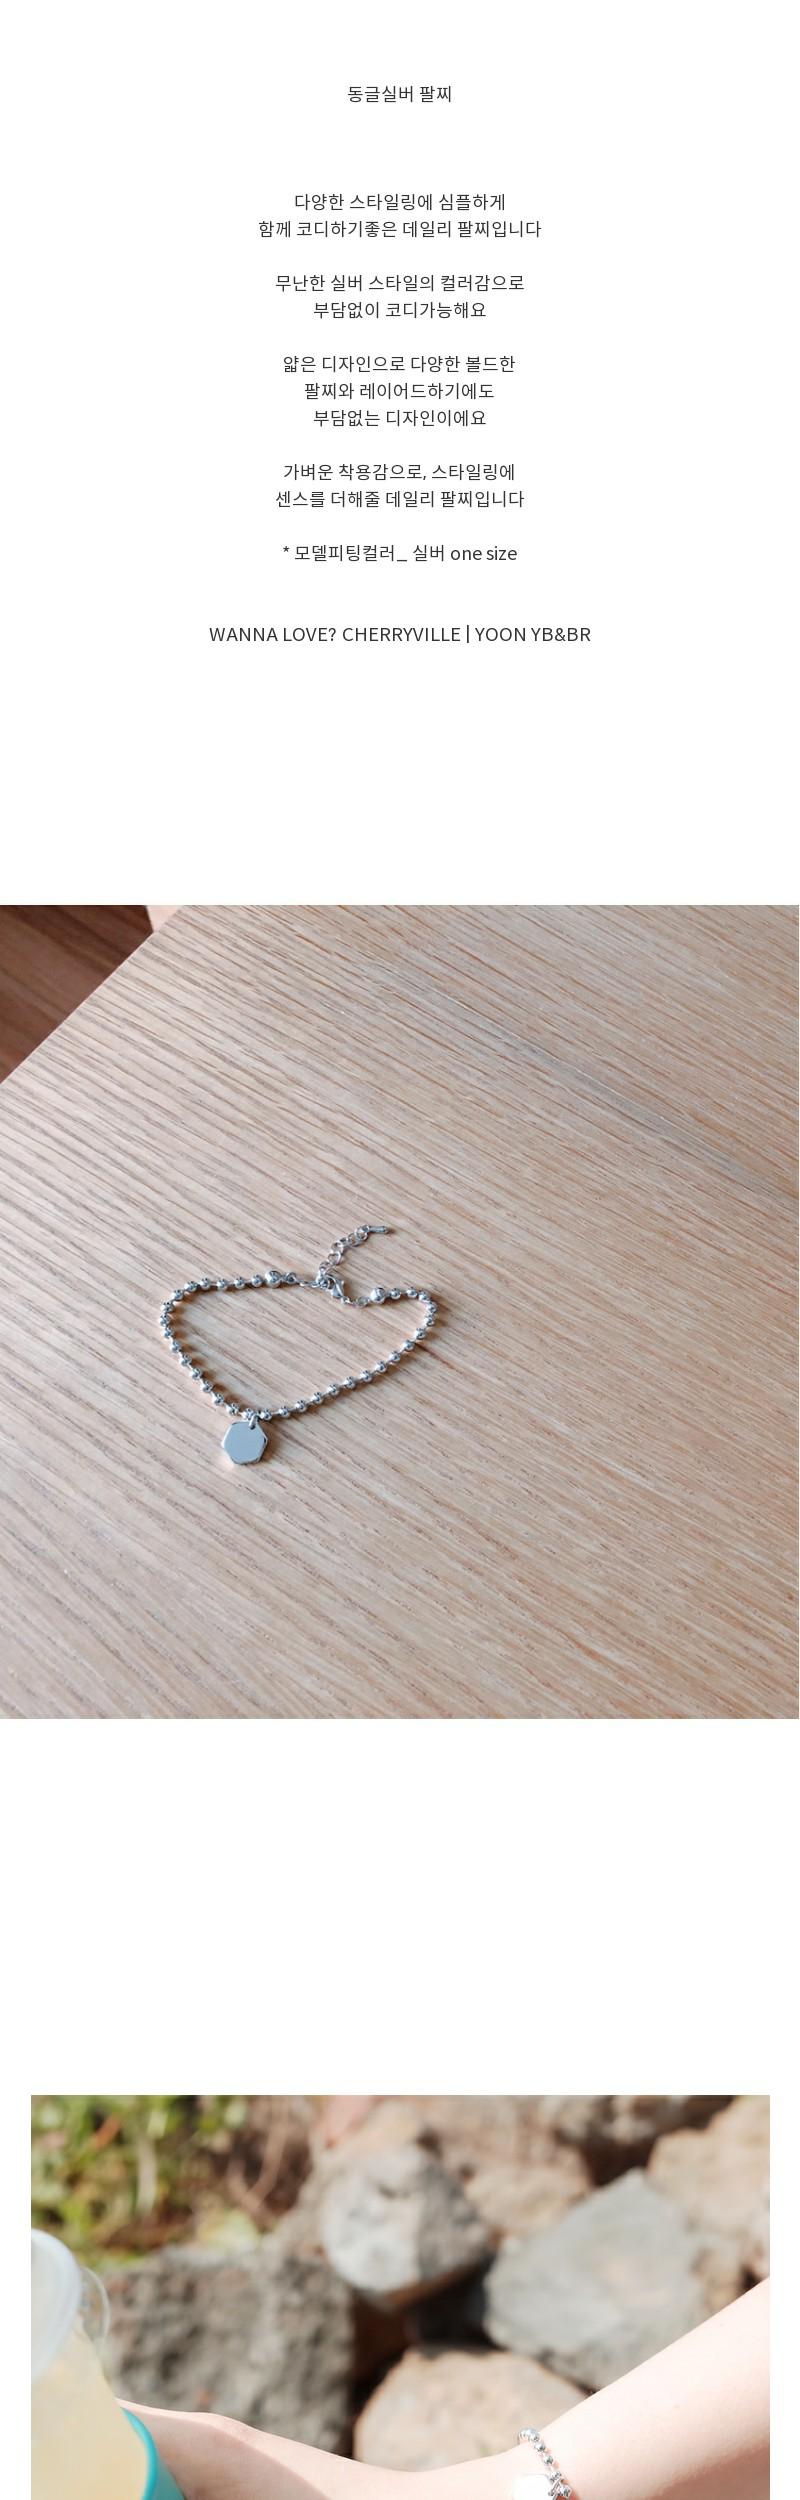 Dongle Silver Bracelet